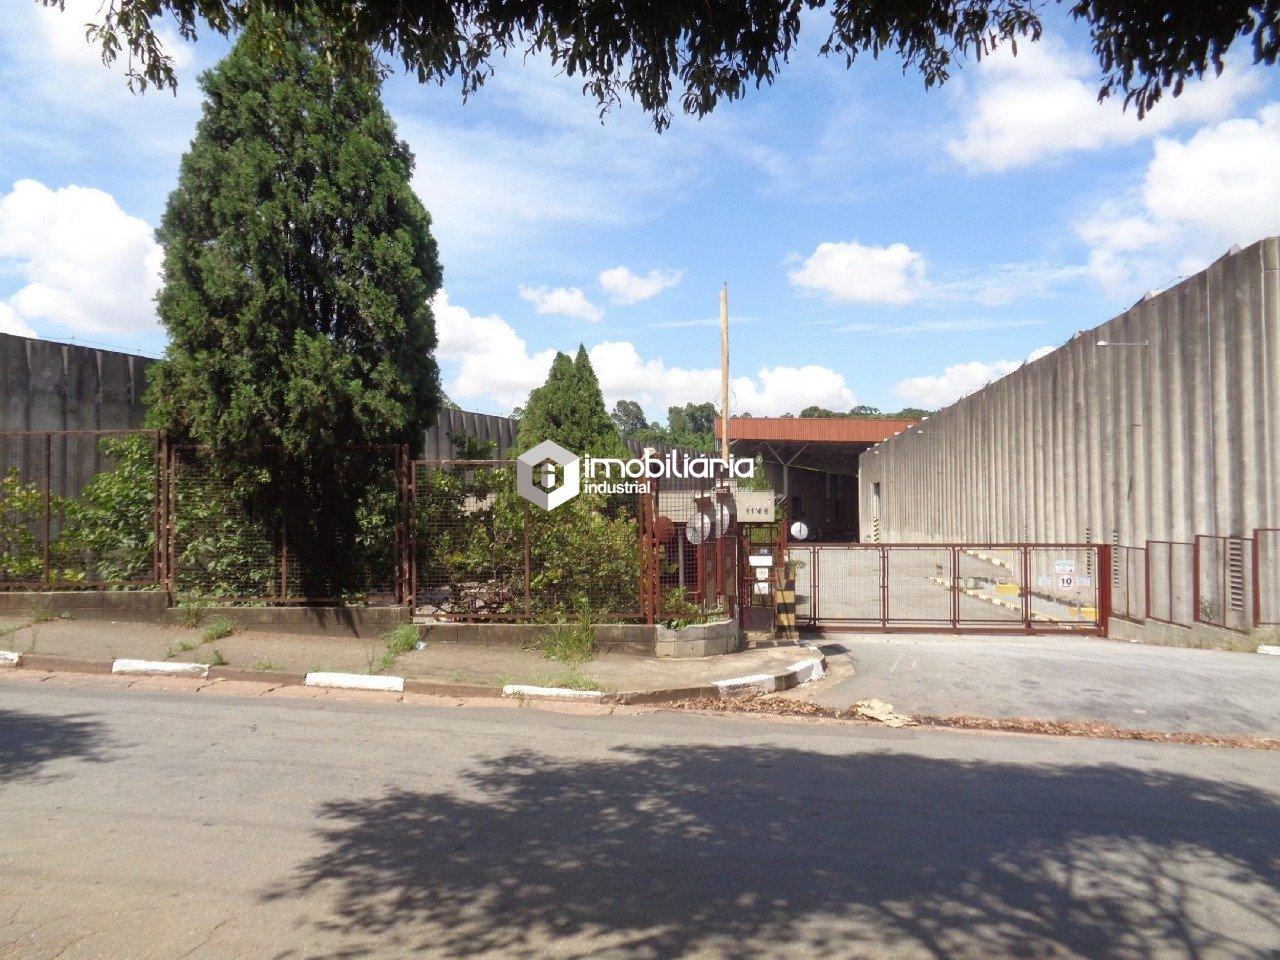 Pavilhão/galpão/depósito à venda  no Água Chata - Guarulhos, SP. Imóveis